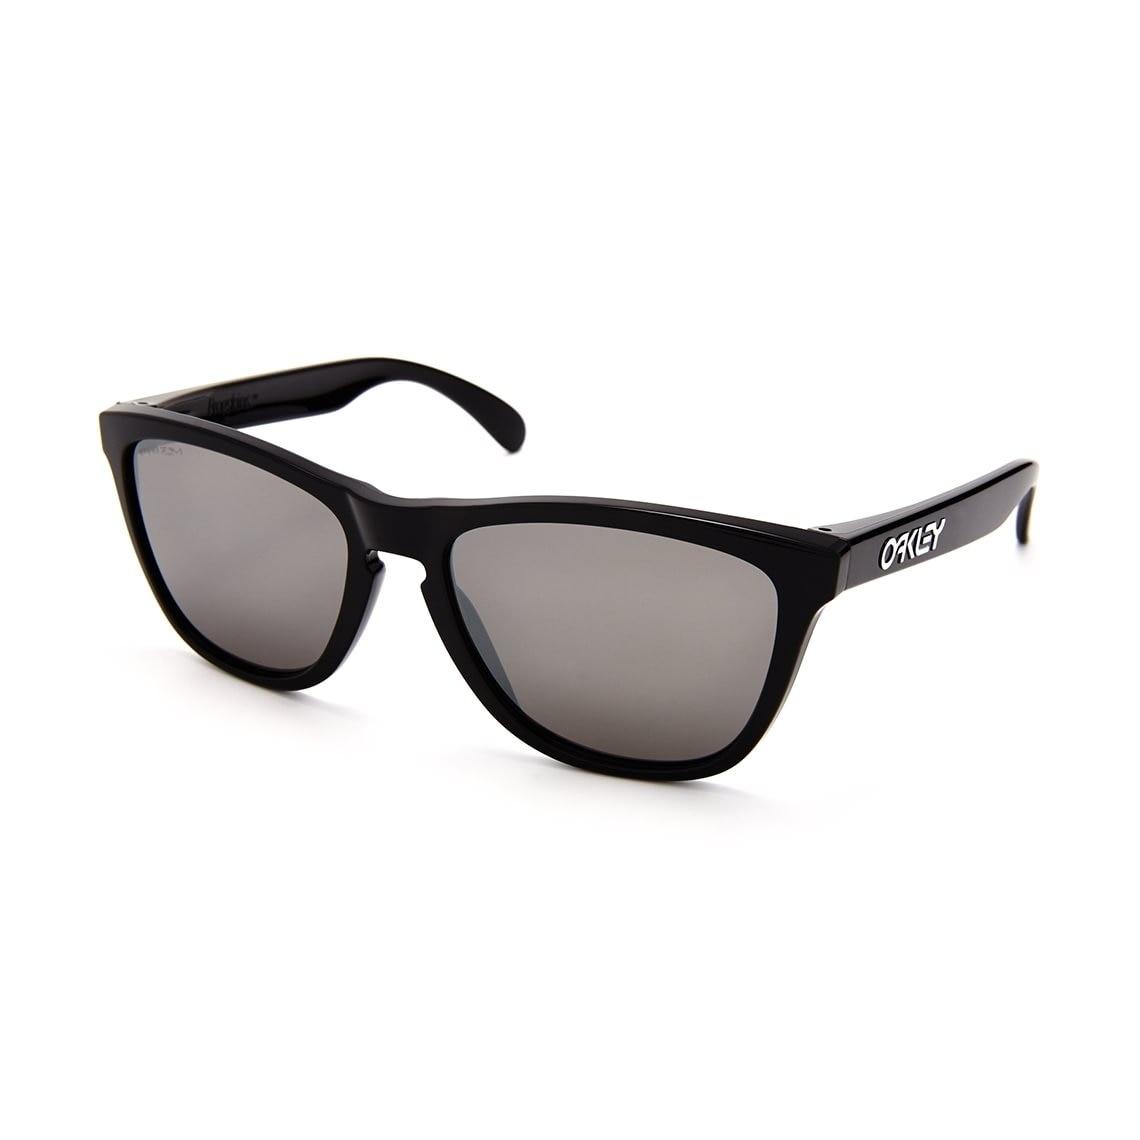 Oakley Frogskins Prizm Solbriller Sort